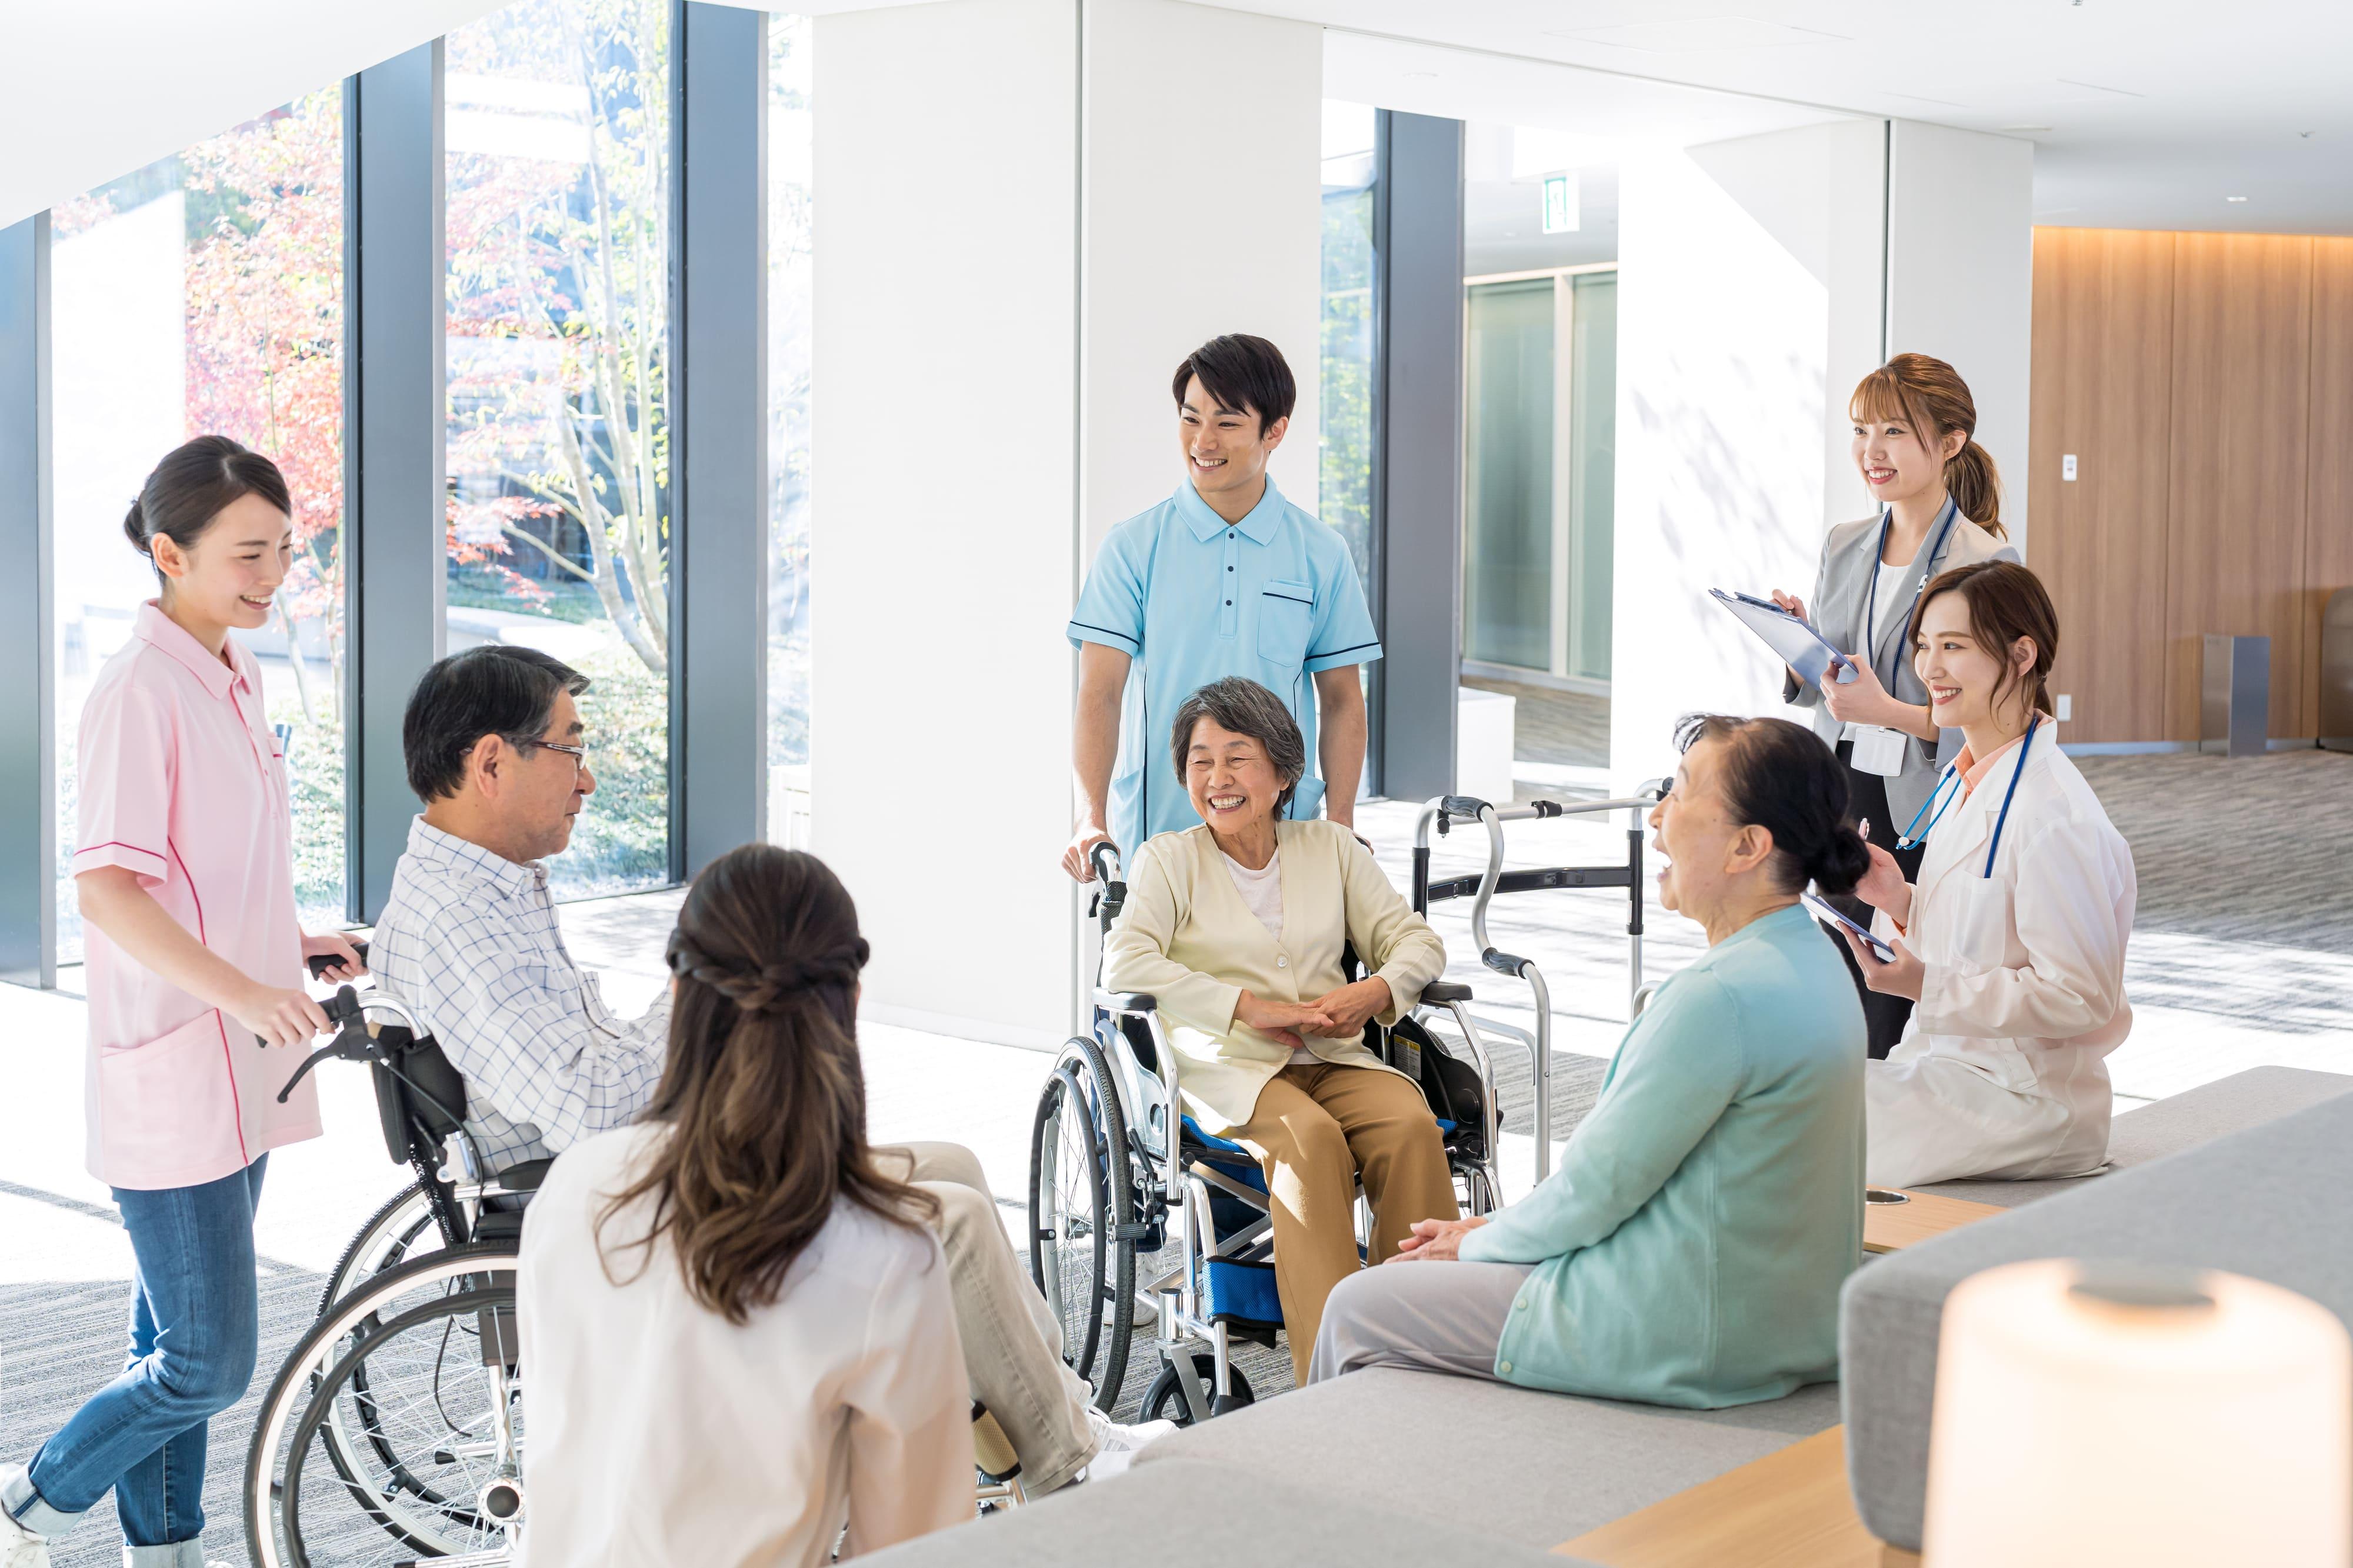 介護職がやりがいを持って働ける環境づくりのポイントとは?